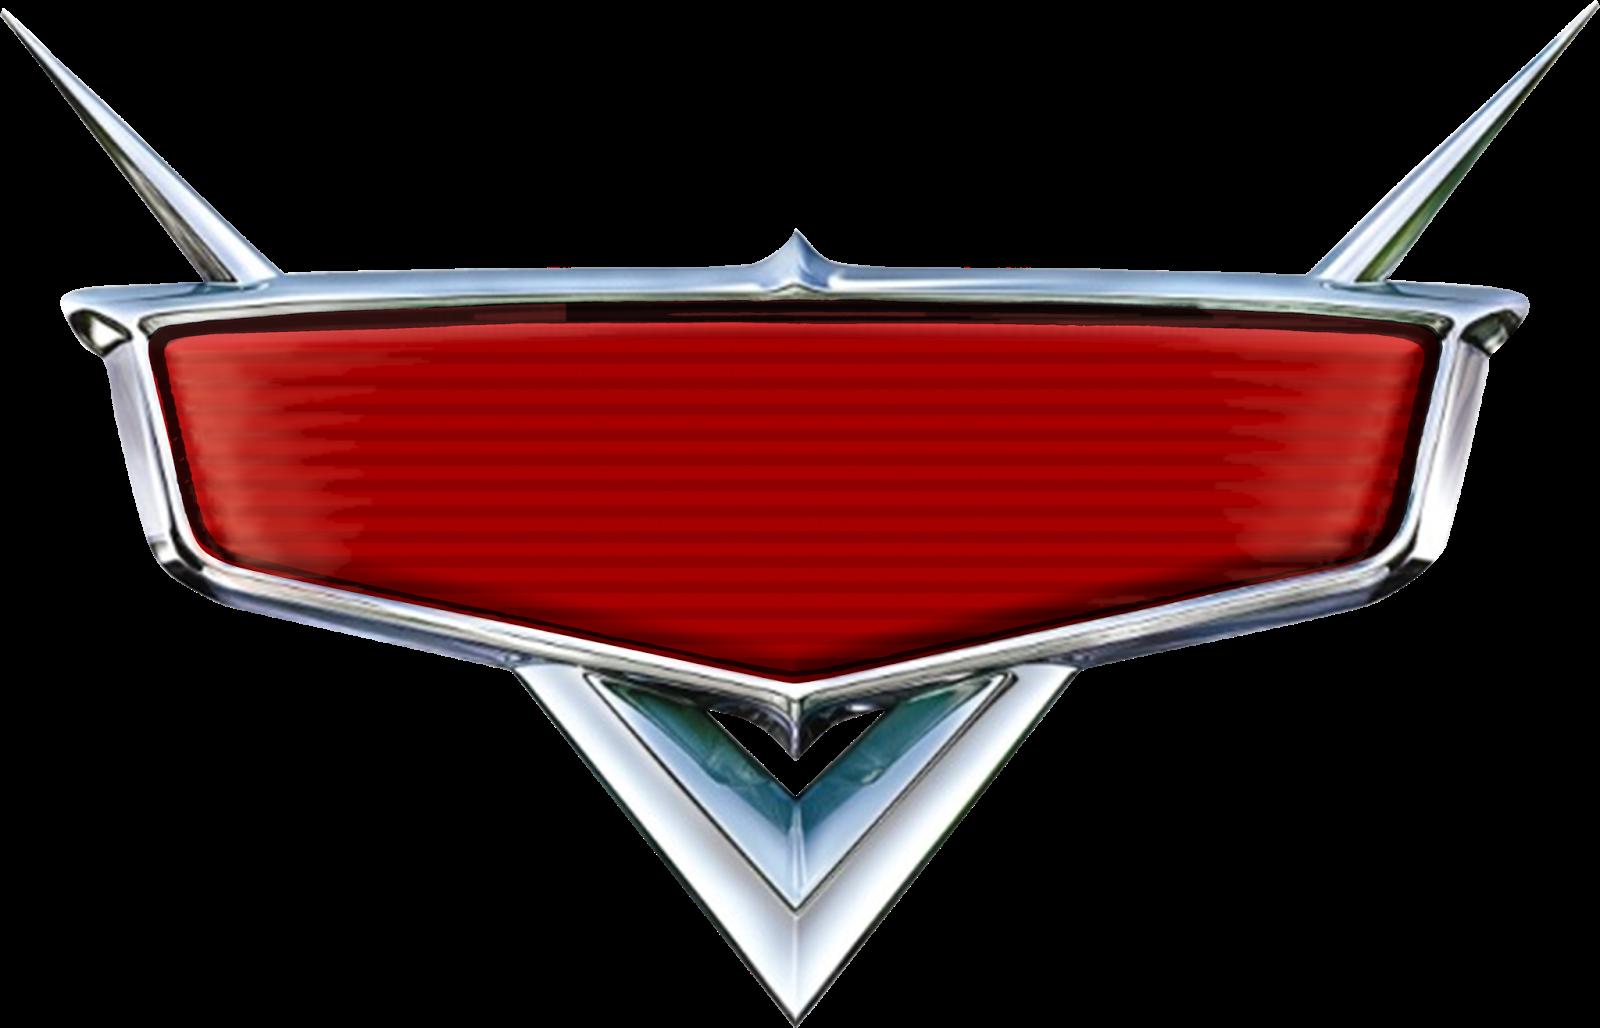 Disney Cars Font Logo Png Images.